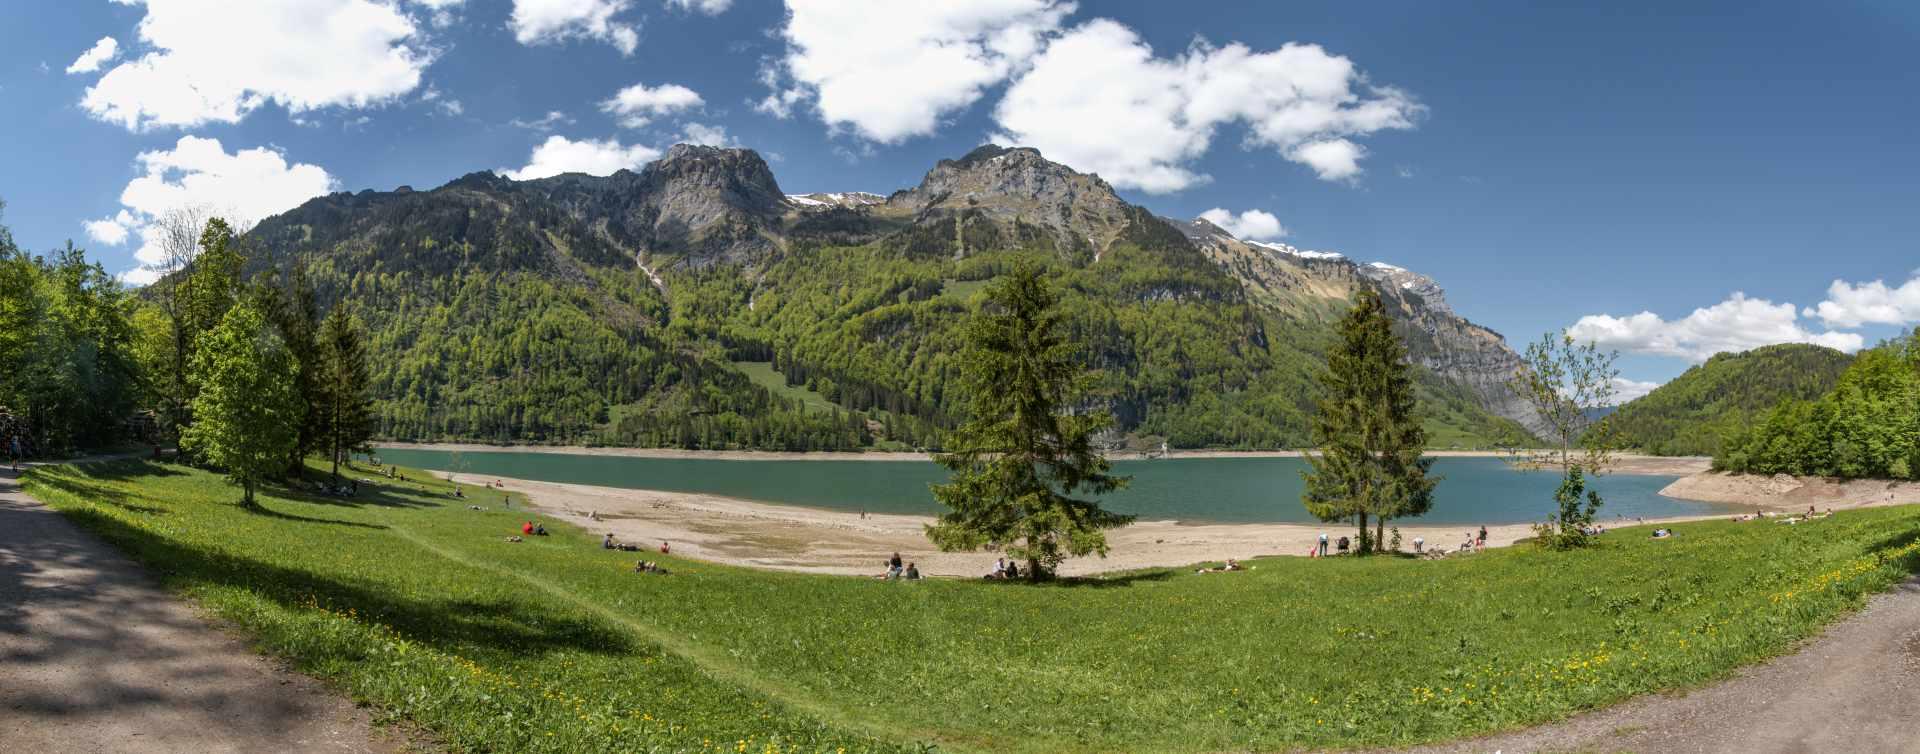 Klöntalersee, Glarus